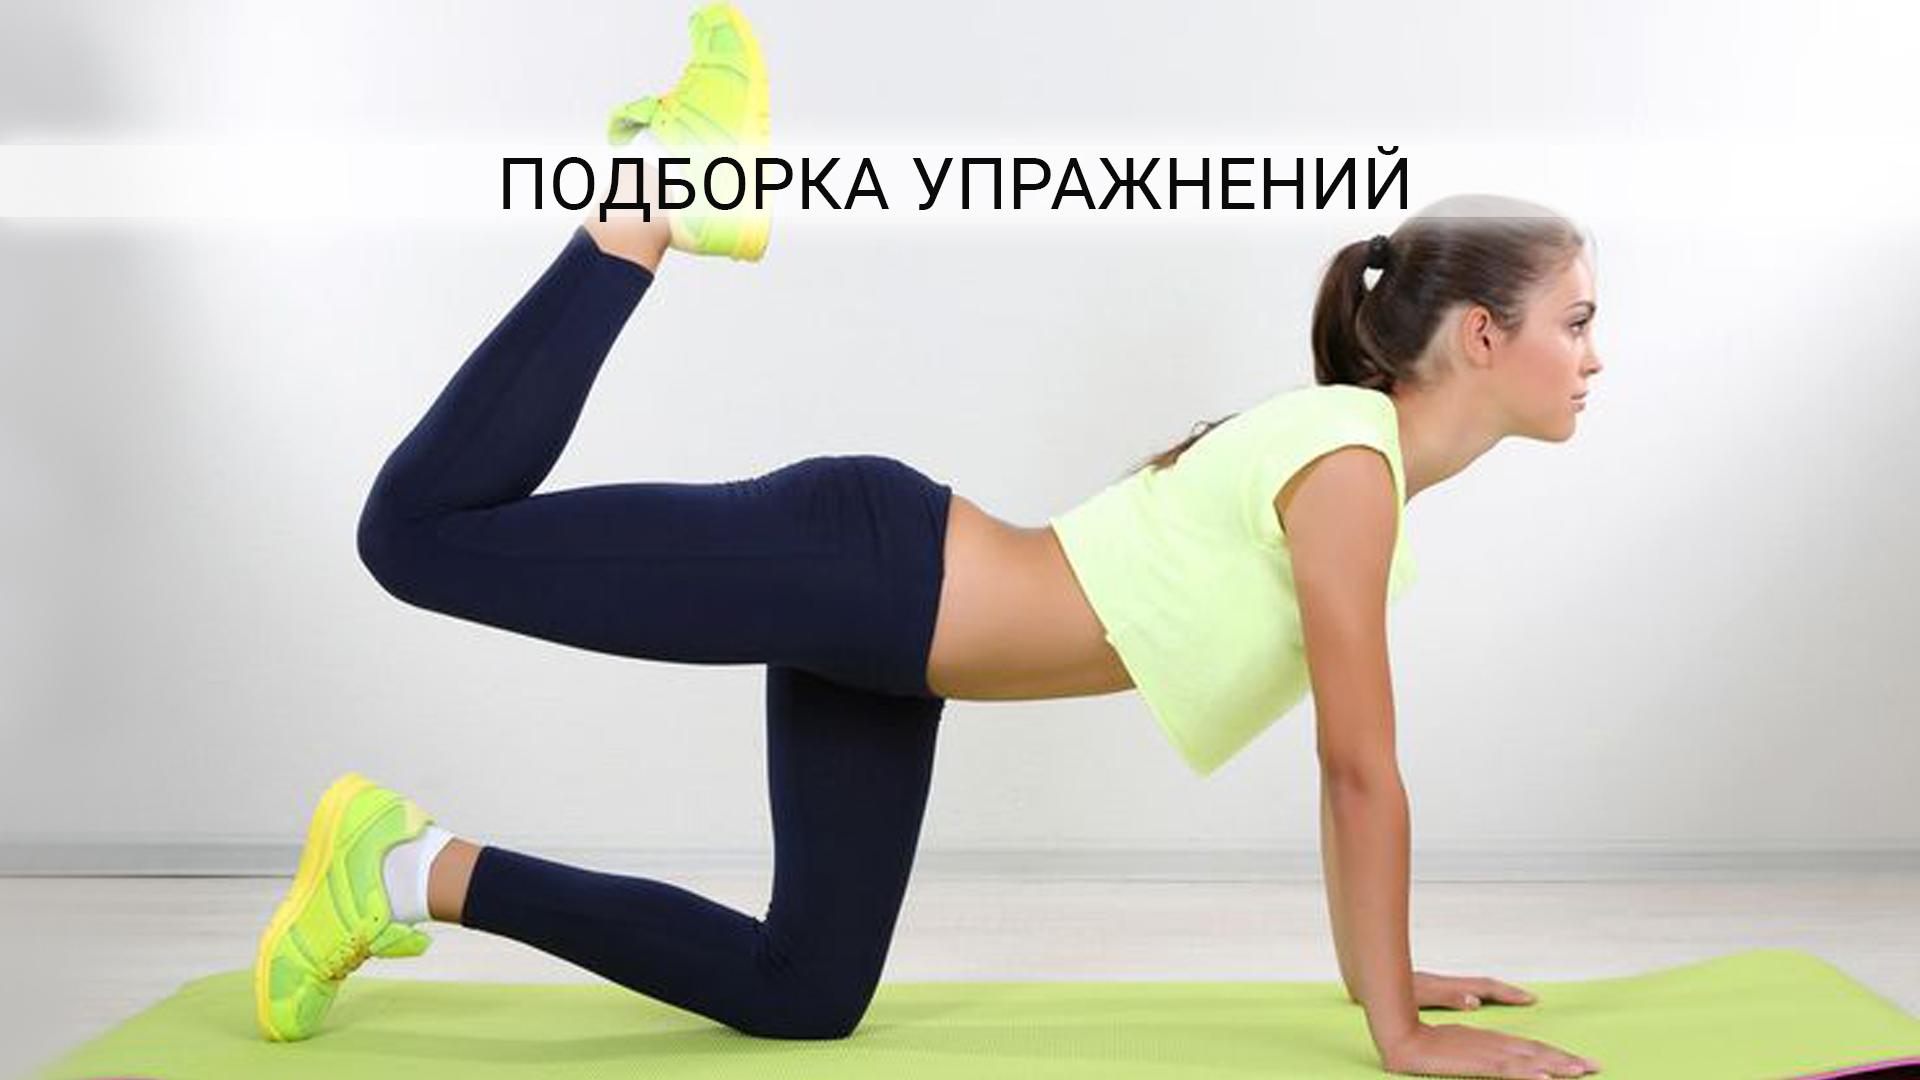 Найти слабые места на теле